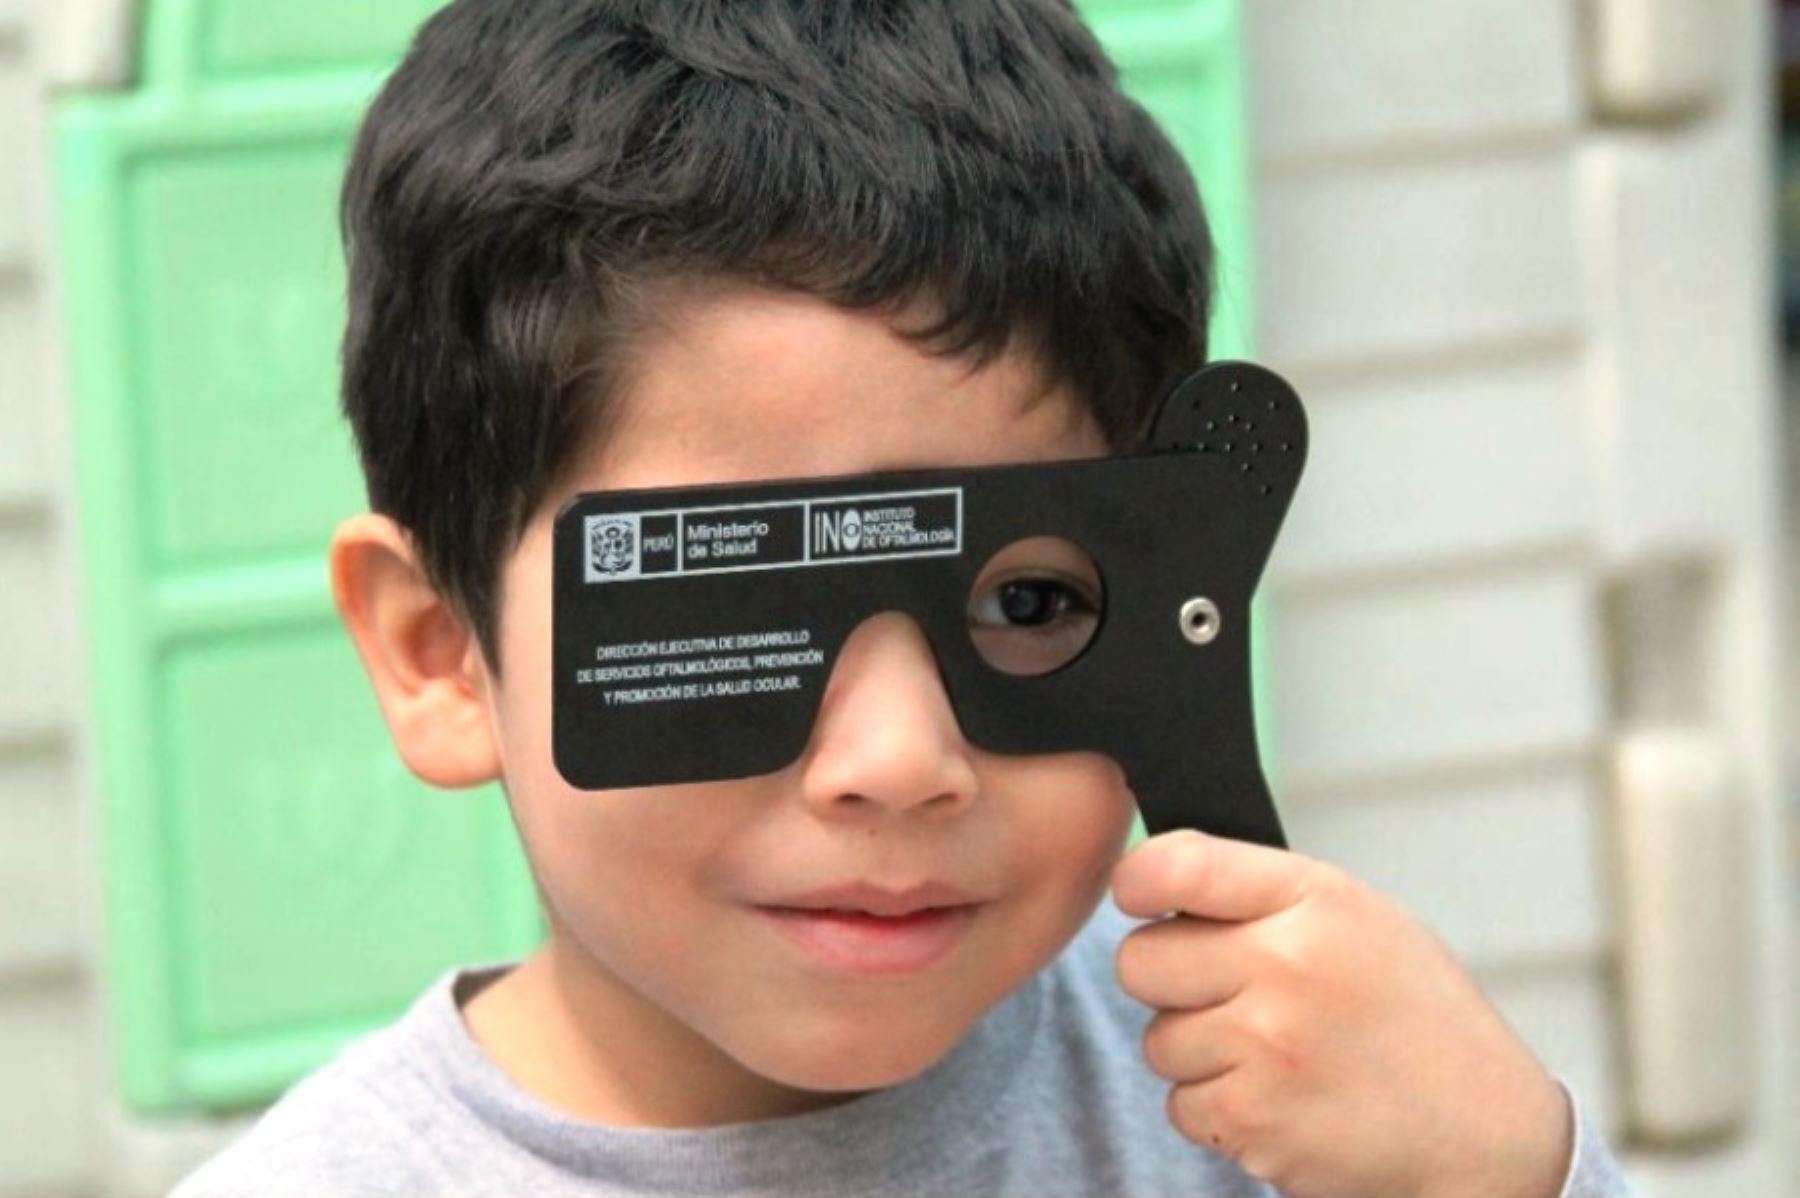 Problemas visuales en escolares deben descartarse antes del inicio de clases. Foto: ANDINA/Difusión.